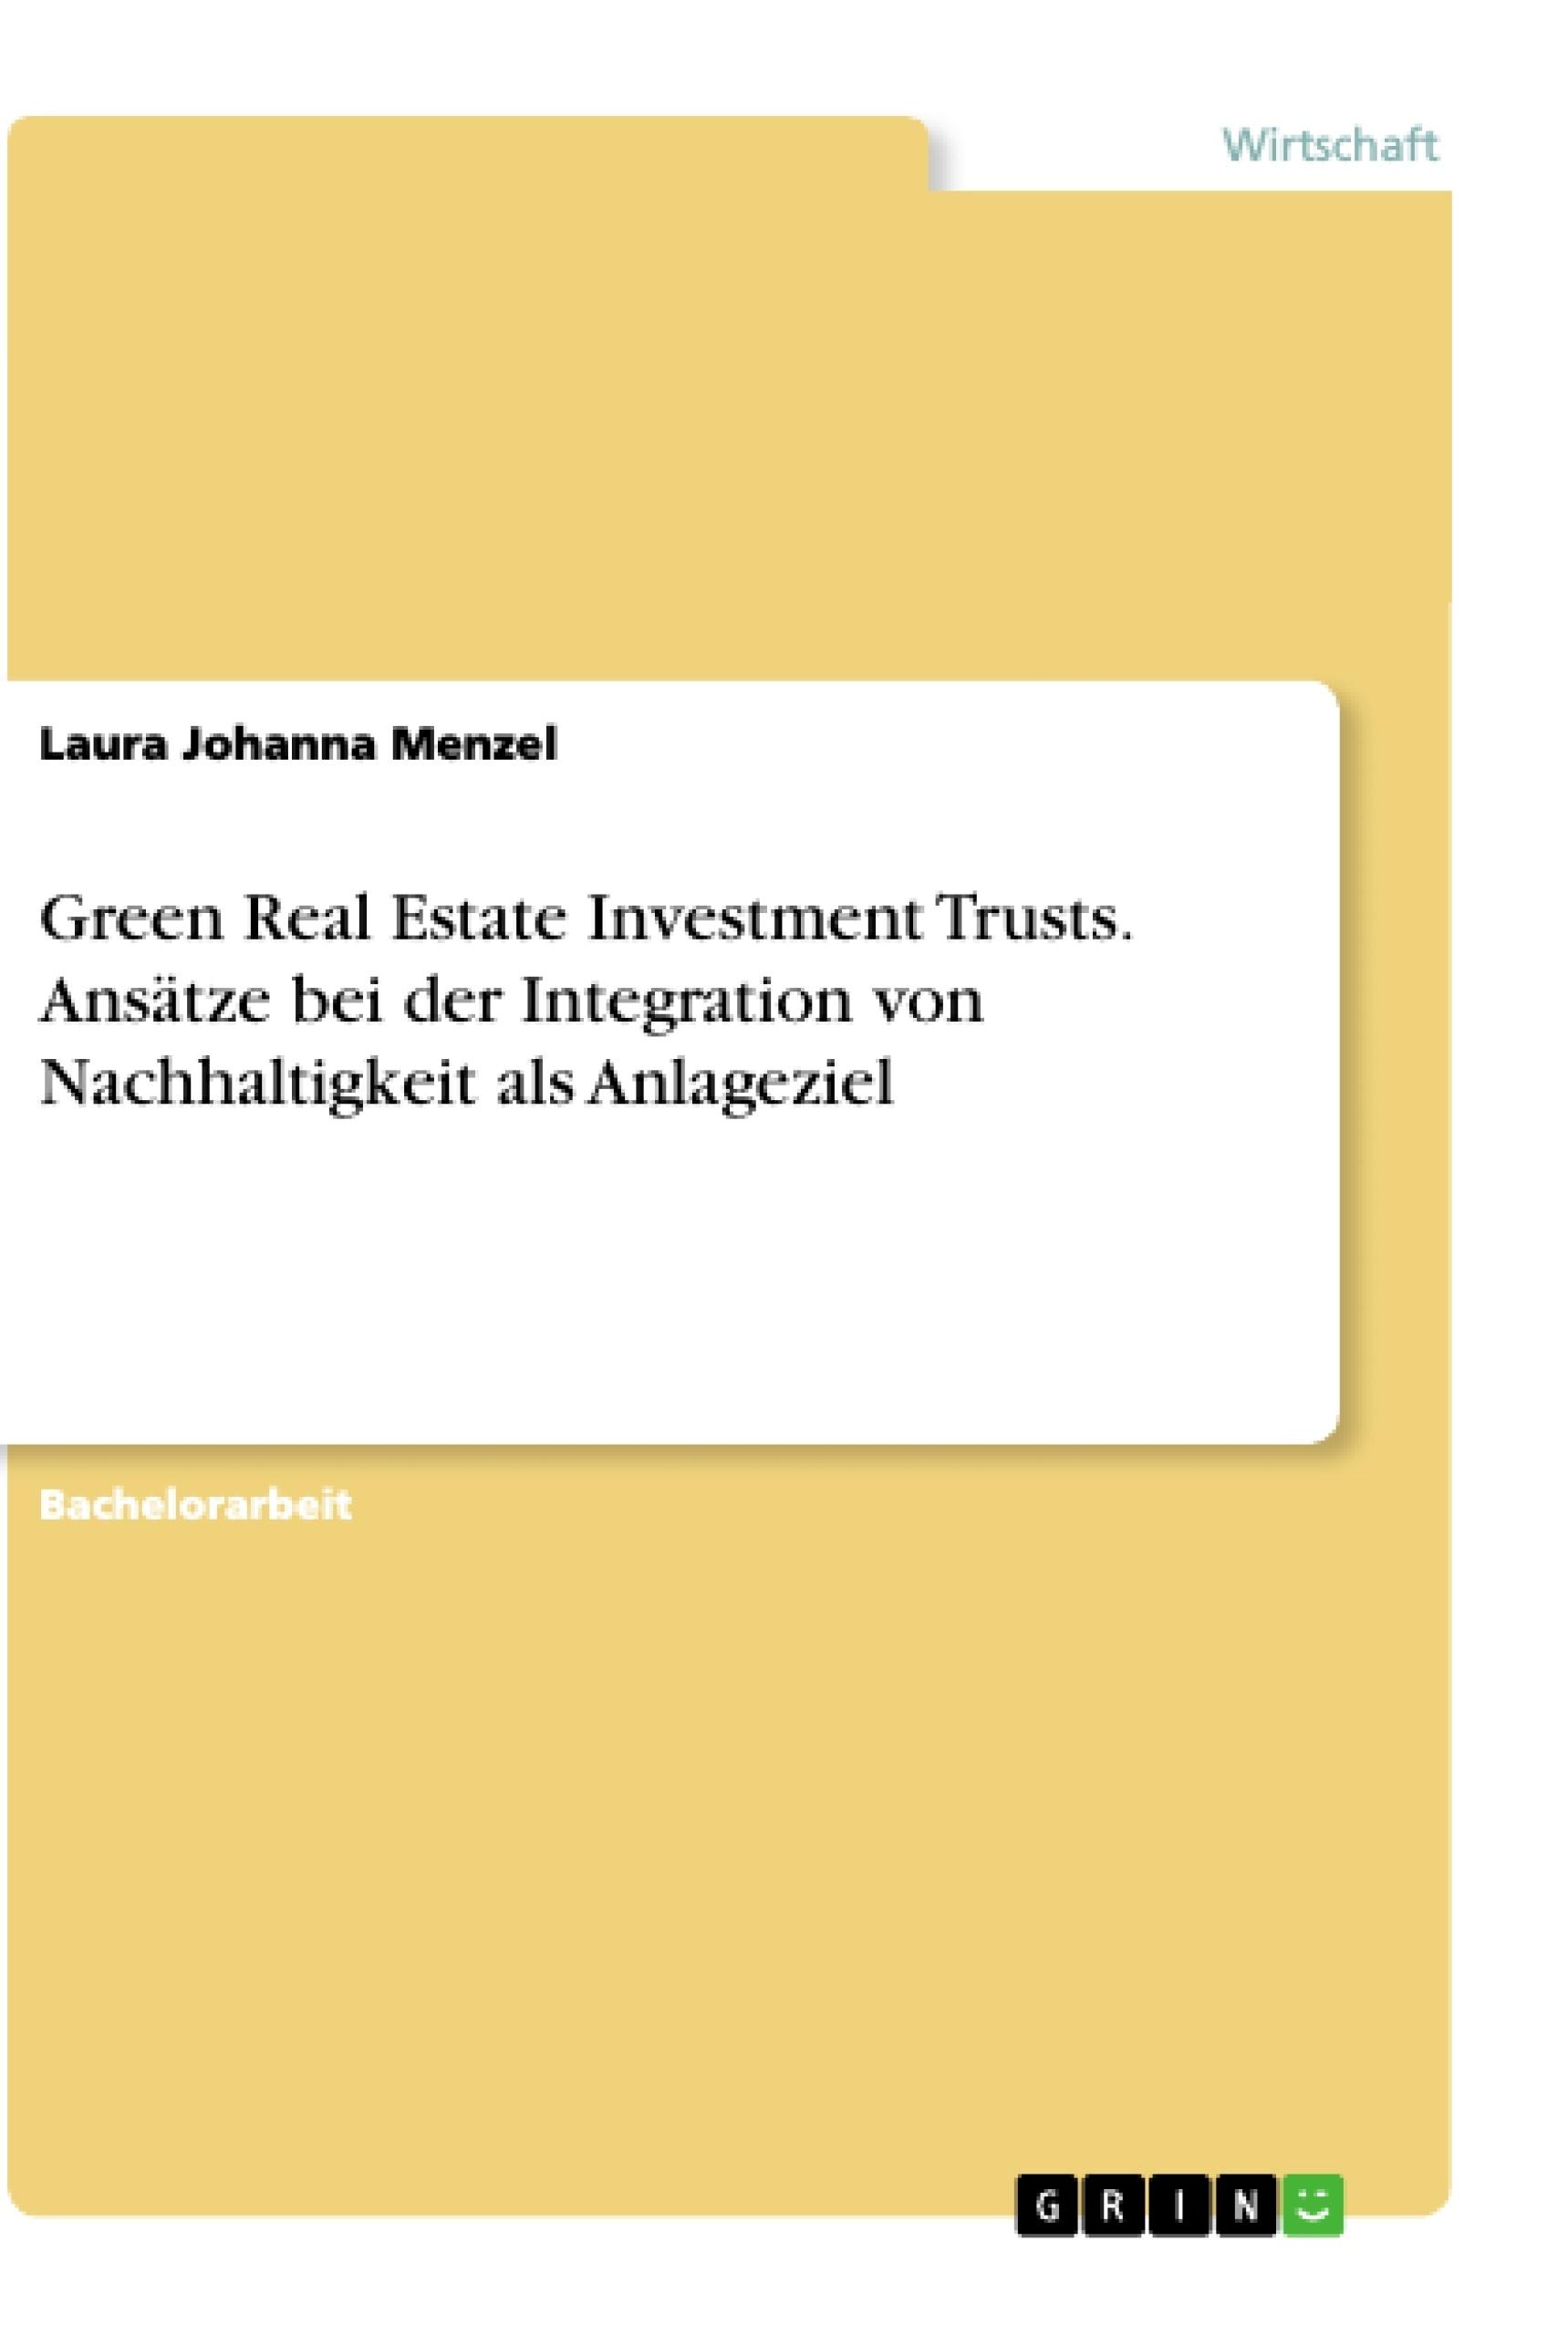 Titel: Green Real Estate Investment Trusts. Ansätze bei der Integration von Nachhaltigkeit als Anlageziel